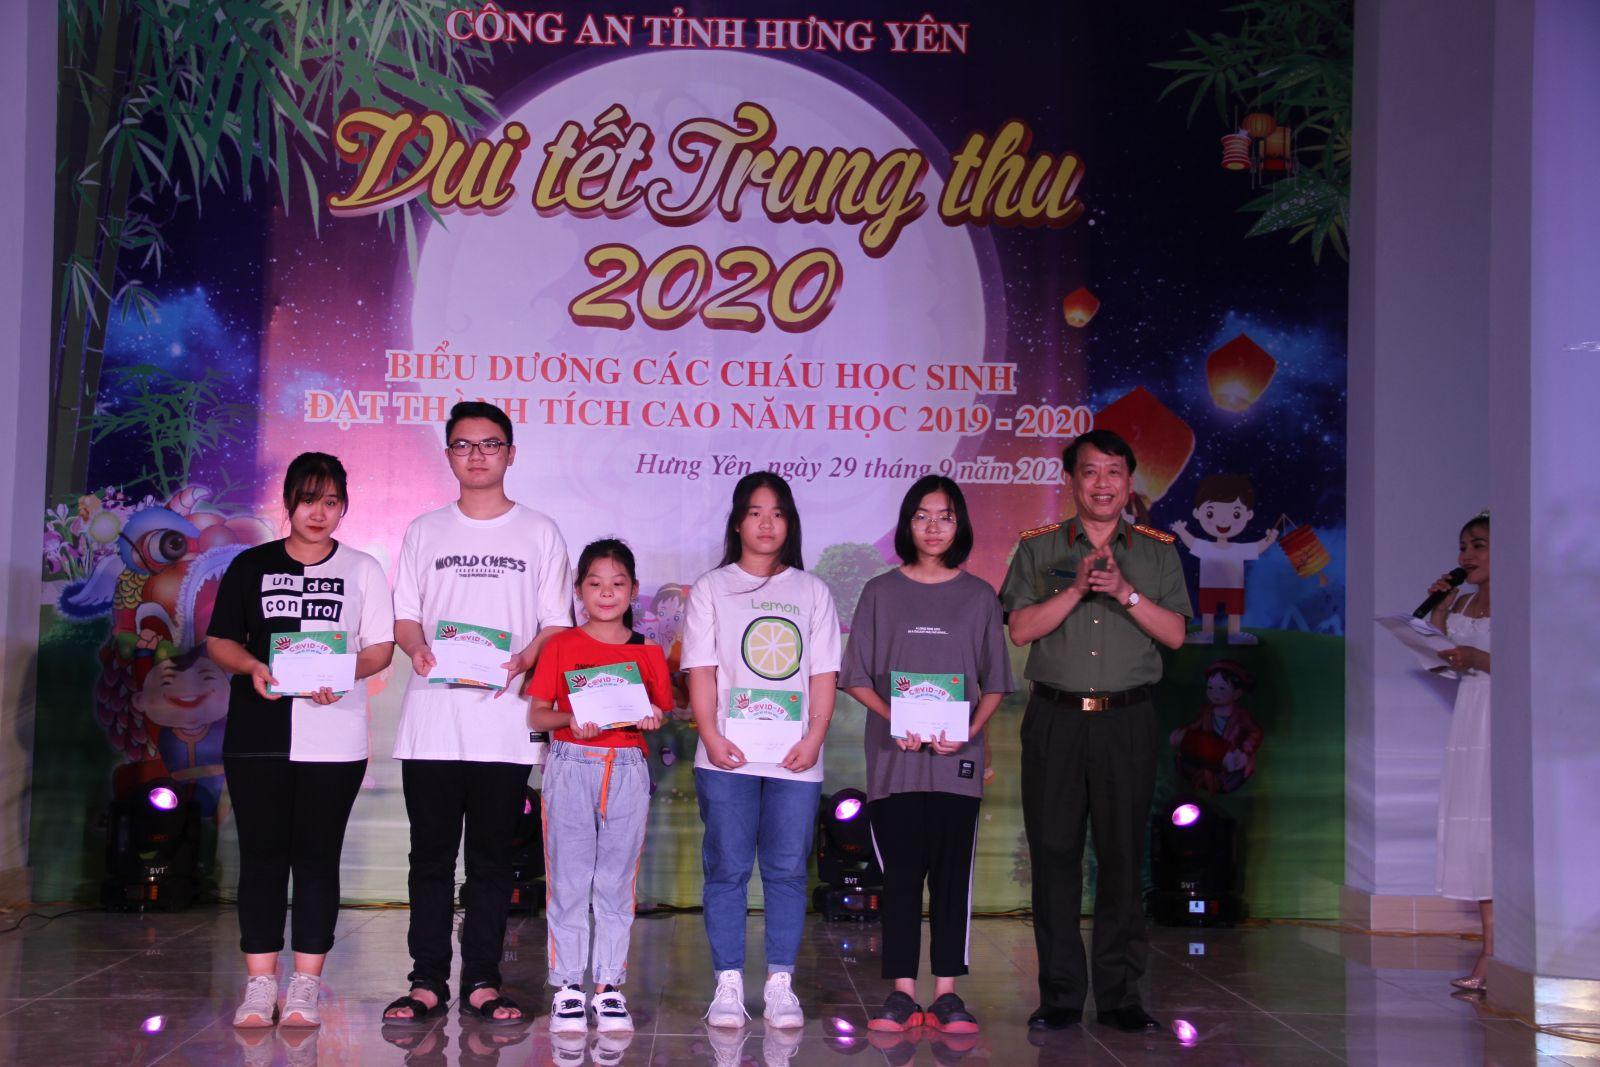 """Đoàn thanh niên Công an tỉnh tổ chức Chương trình """"Vui hội trăng rằm"""" 2020"""